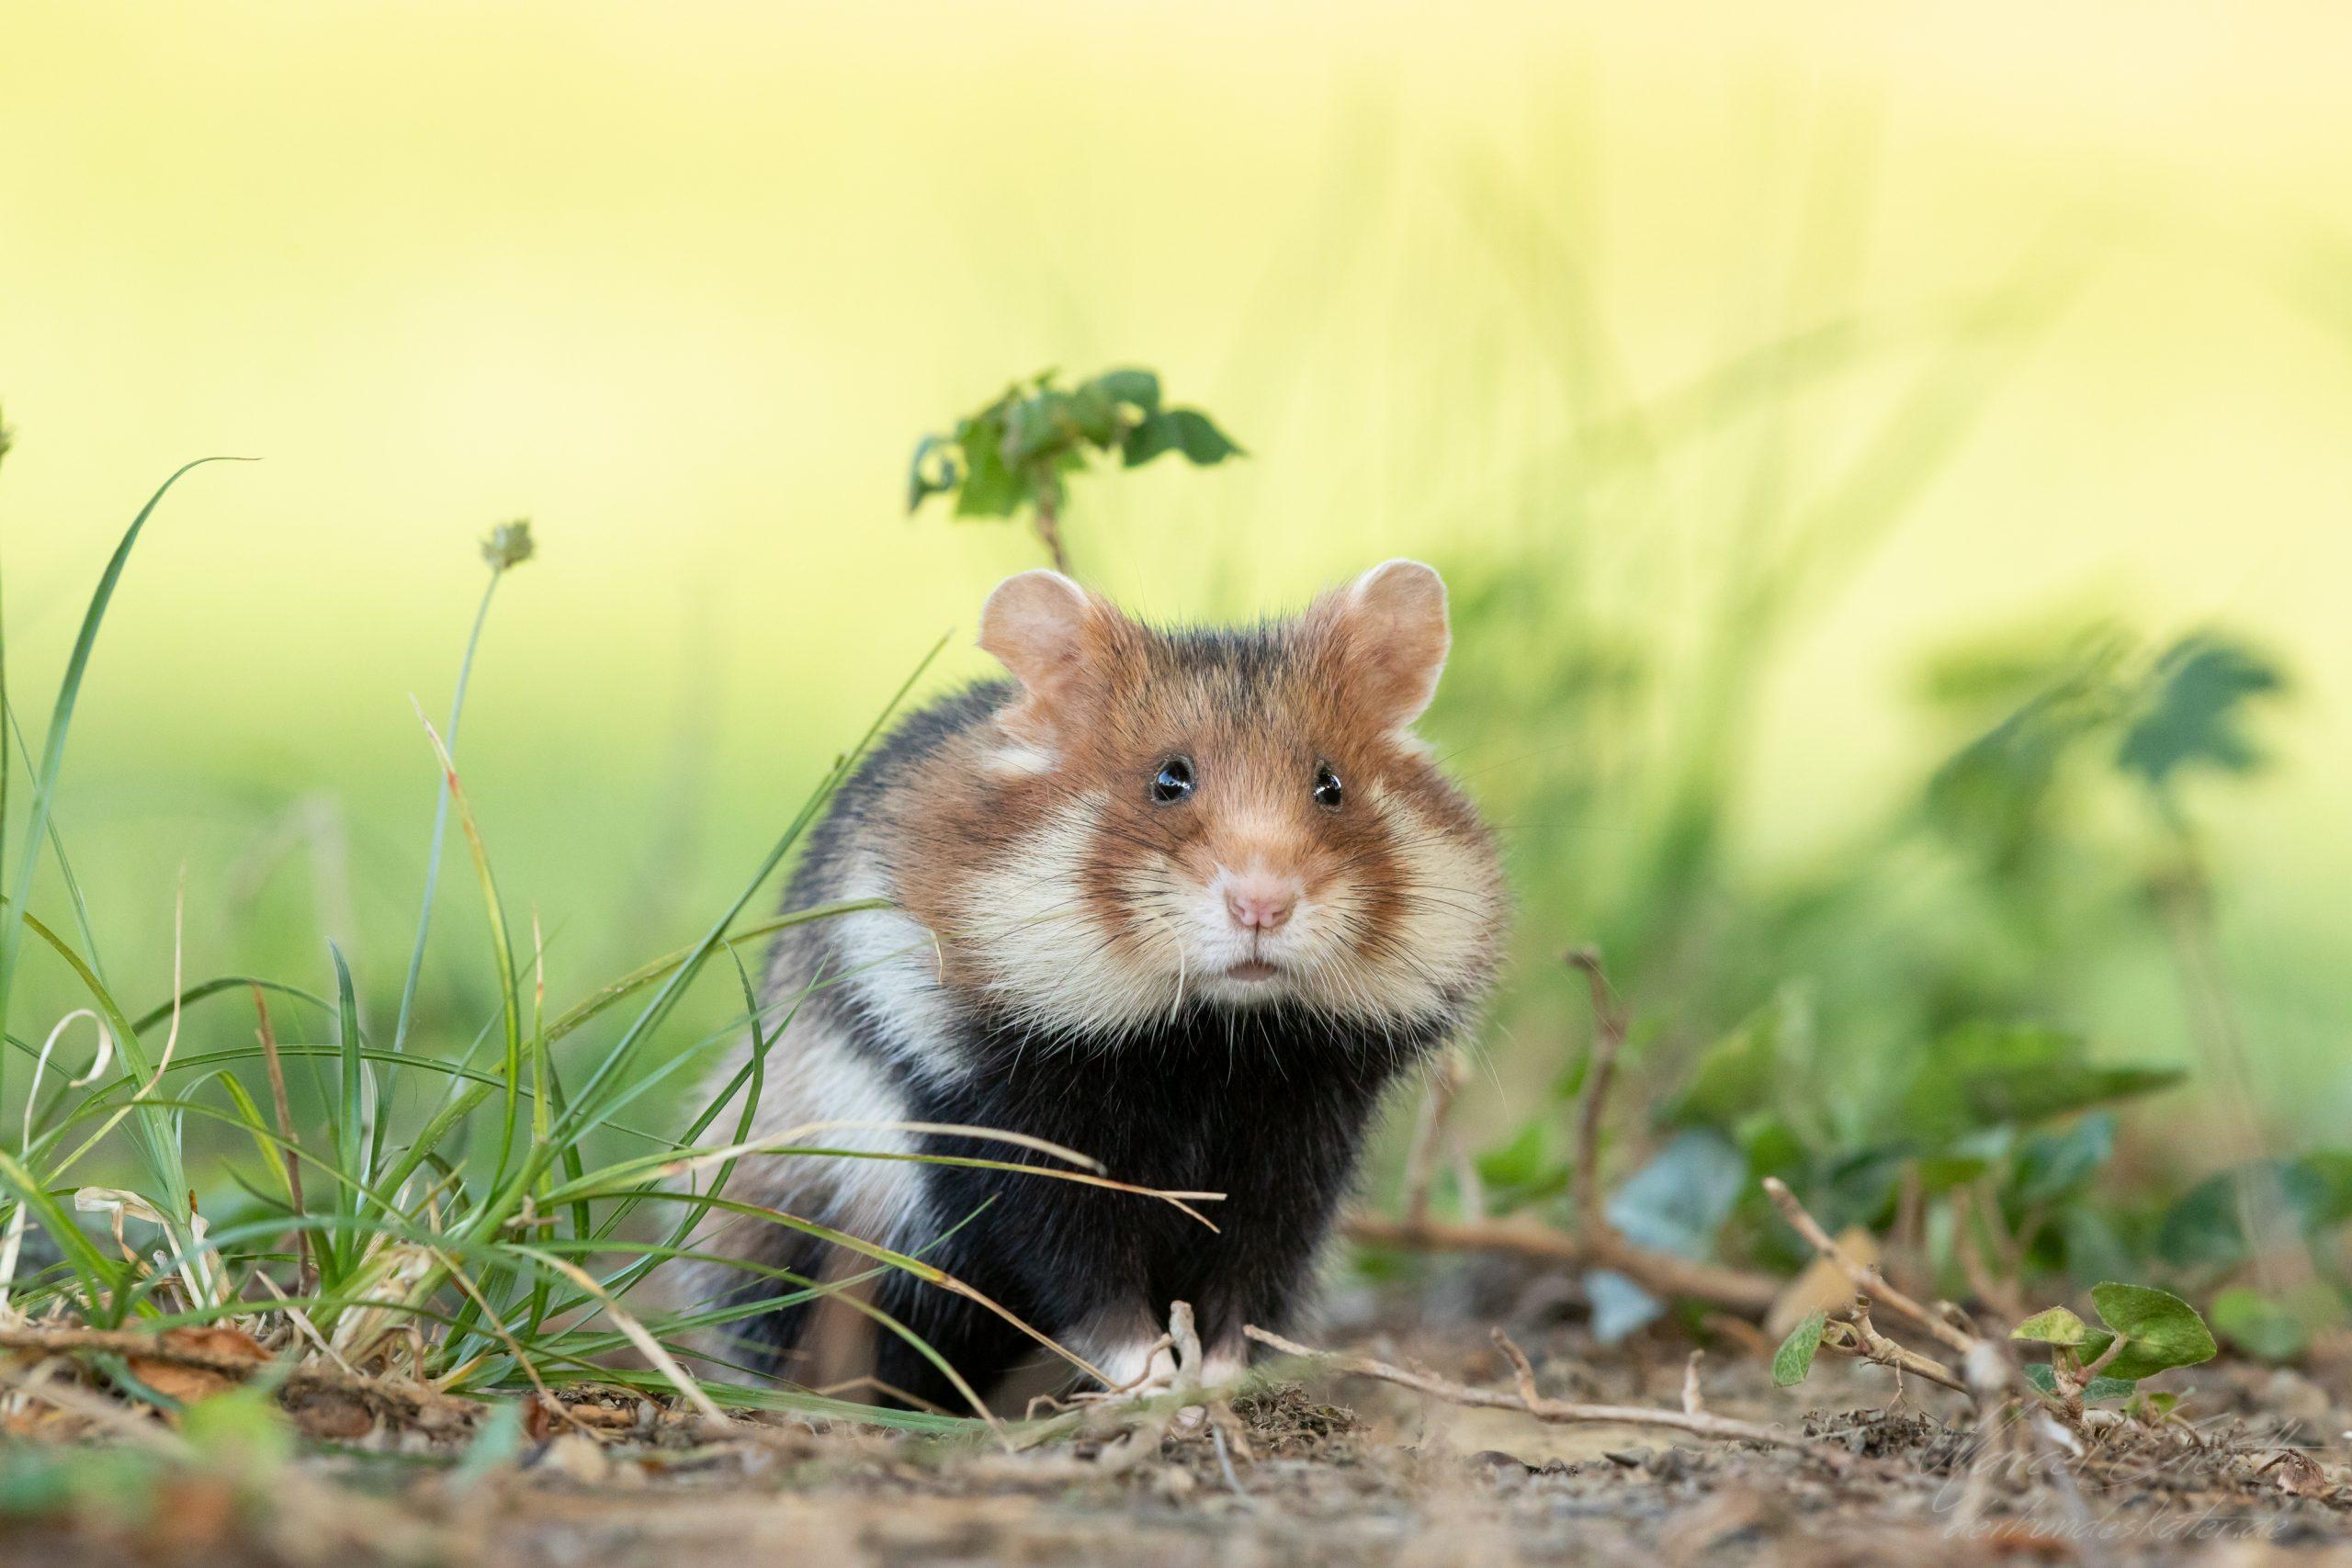 Hamster schaut in die Kamera .  - Fotograf Marcel Gierth